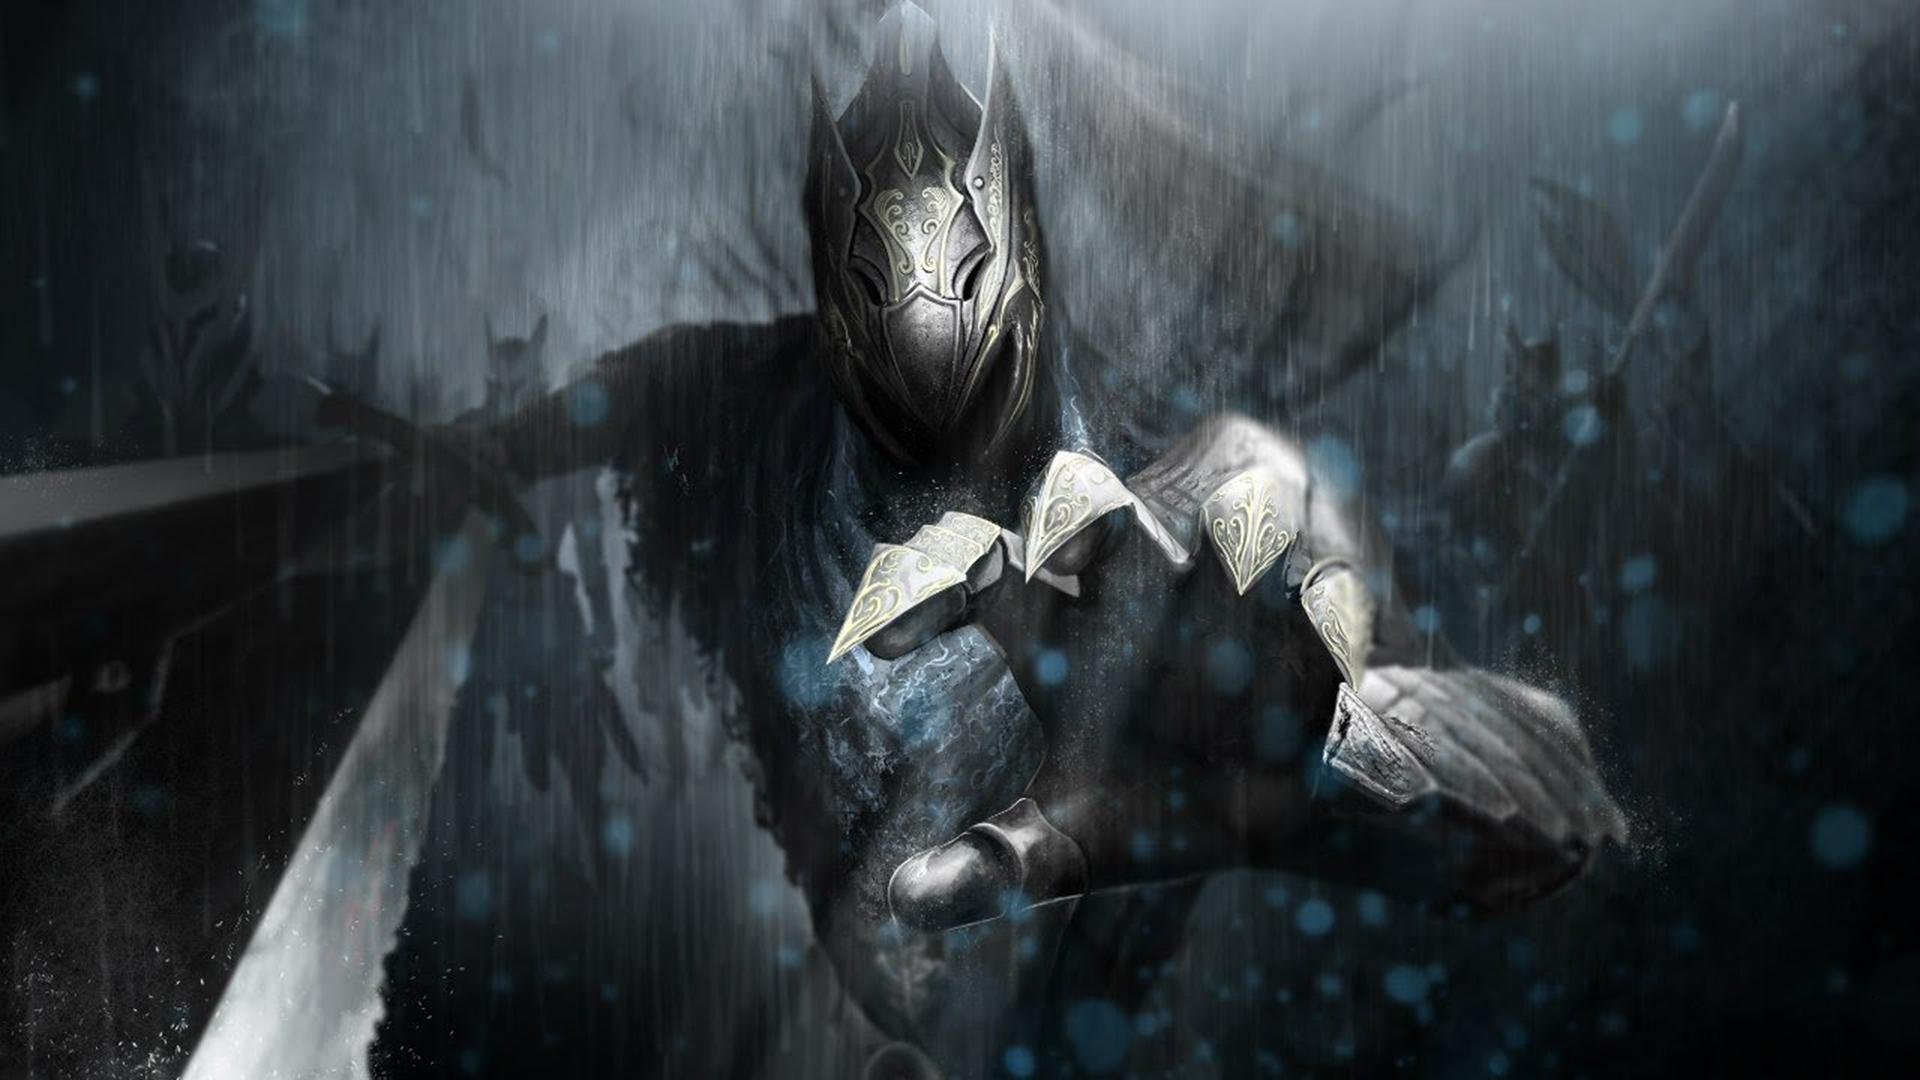 Wallpaper Artorias The Abysswalker Dark Souls Video